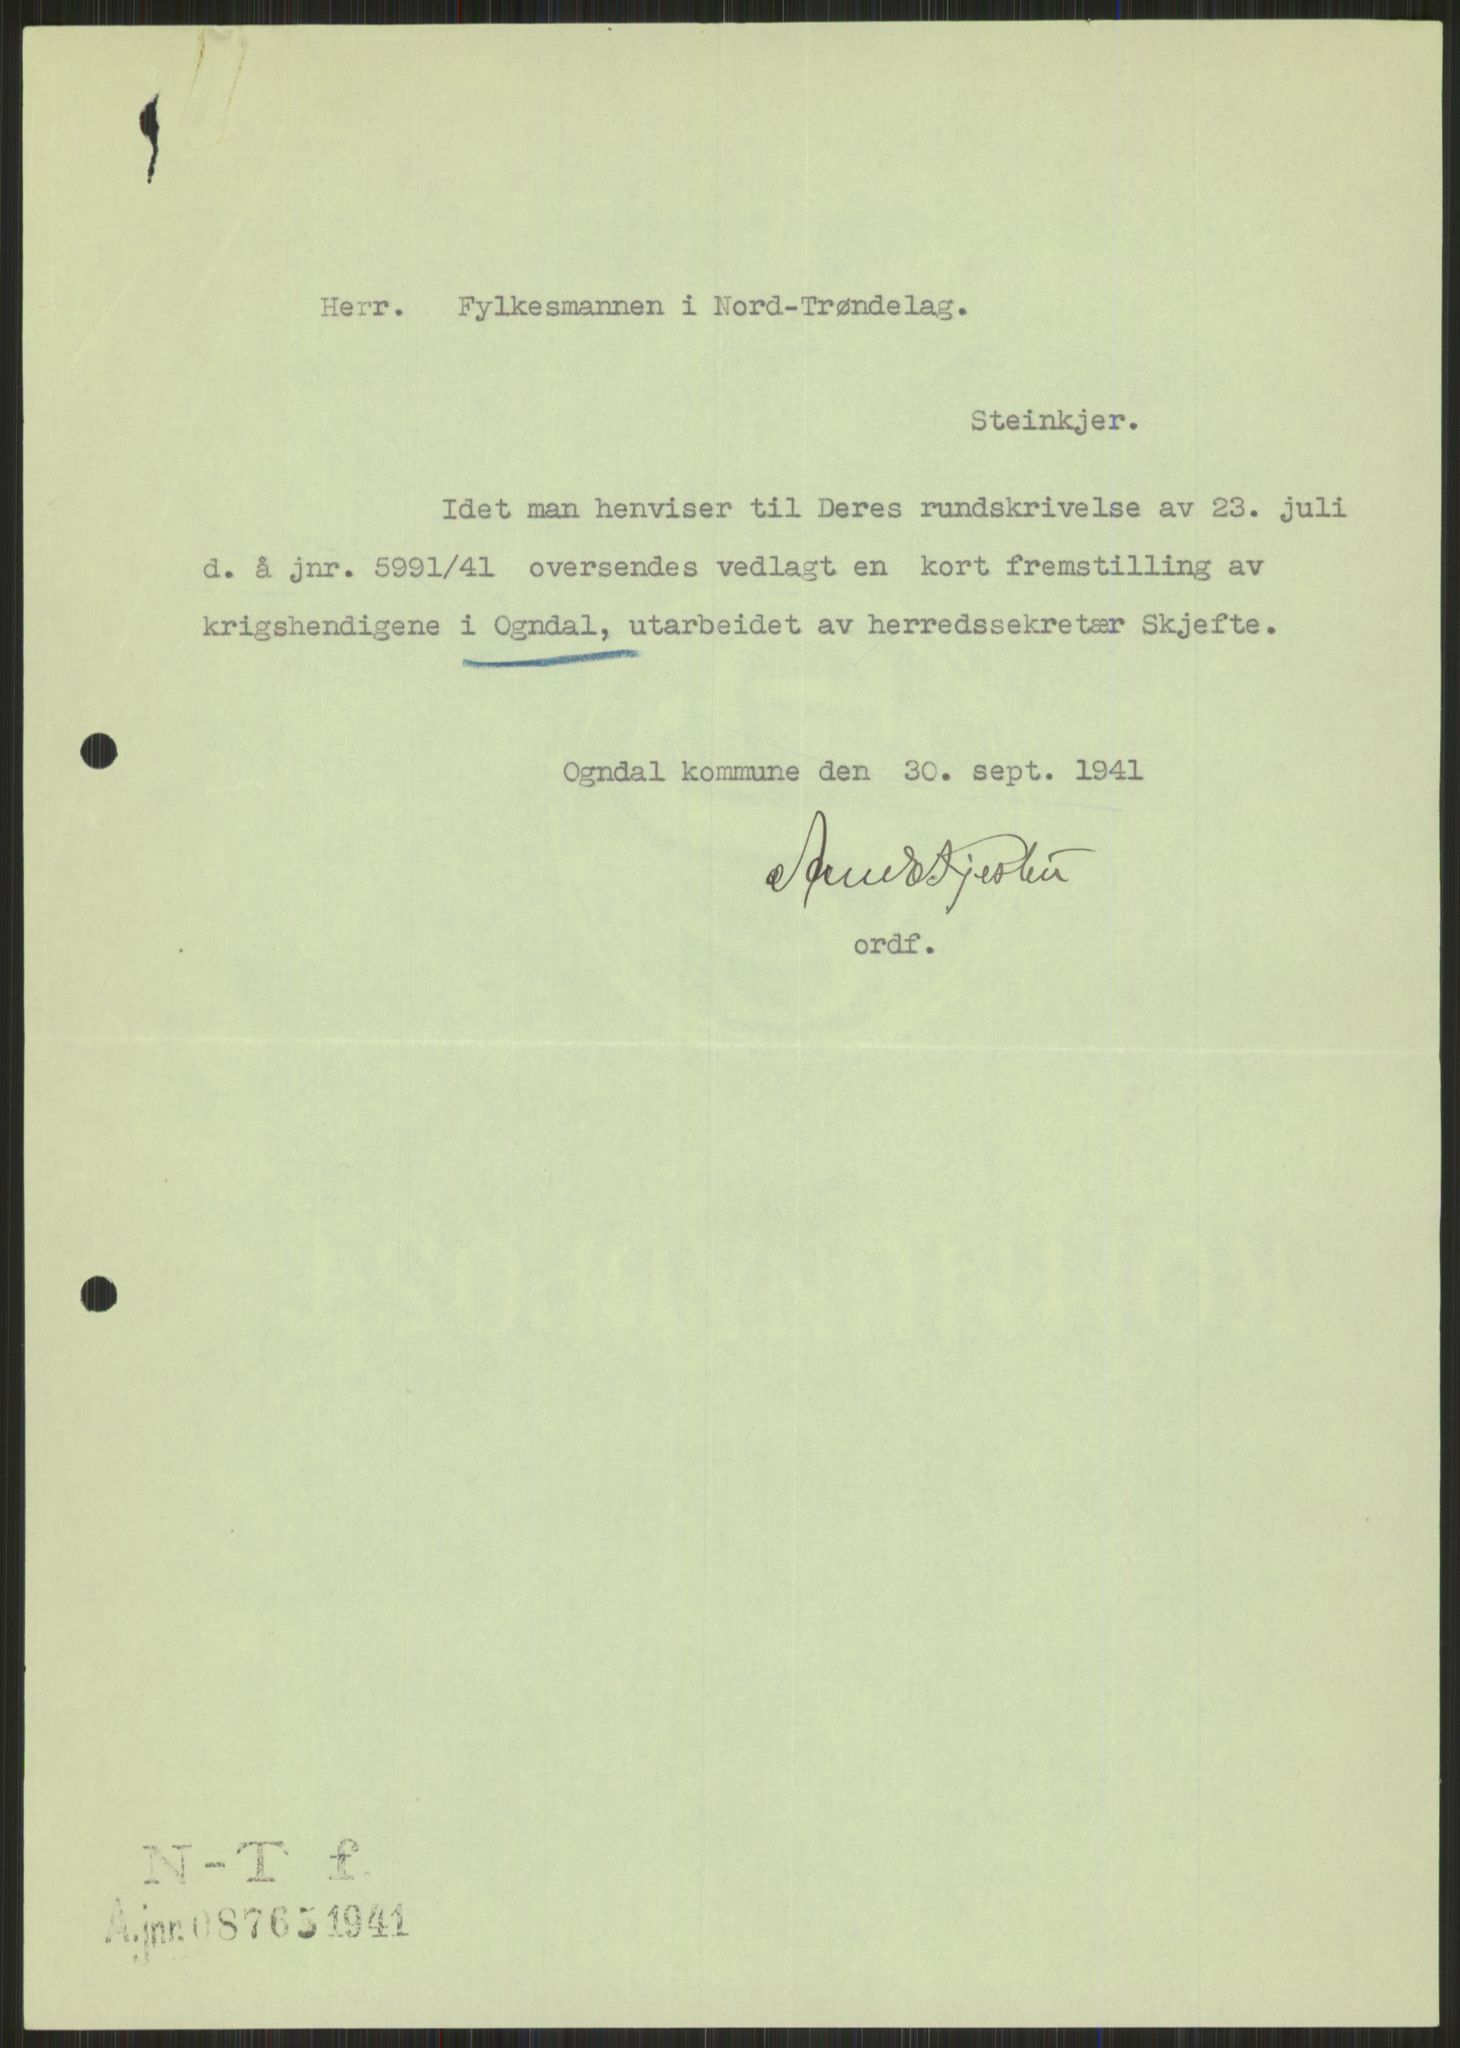 RA, Forsvaret, Forsvarets krigshistoriske avdeling, Y/Ya/L0016: II-C-11-31 - Fylkesmenn.  Rapporter om krigsbegivenhetene 1940., 1940, p. 526